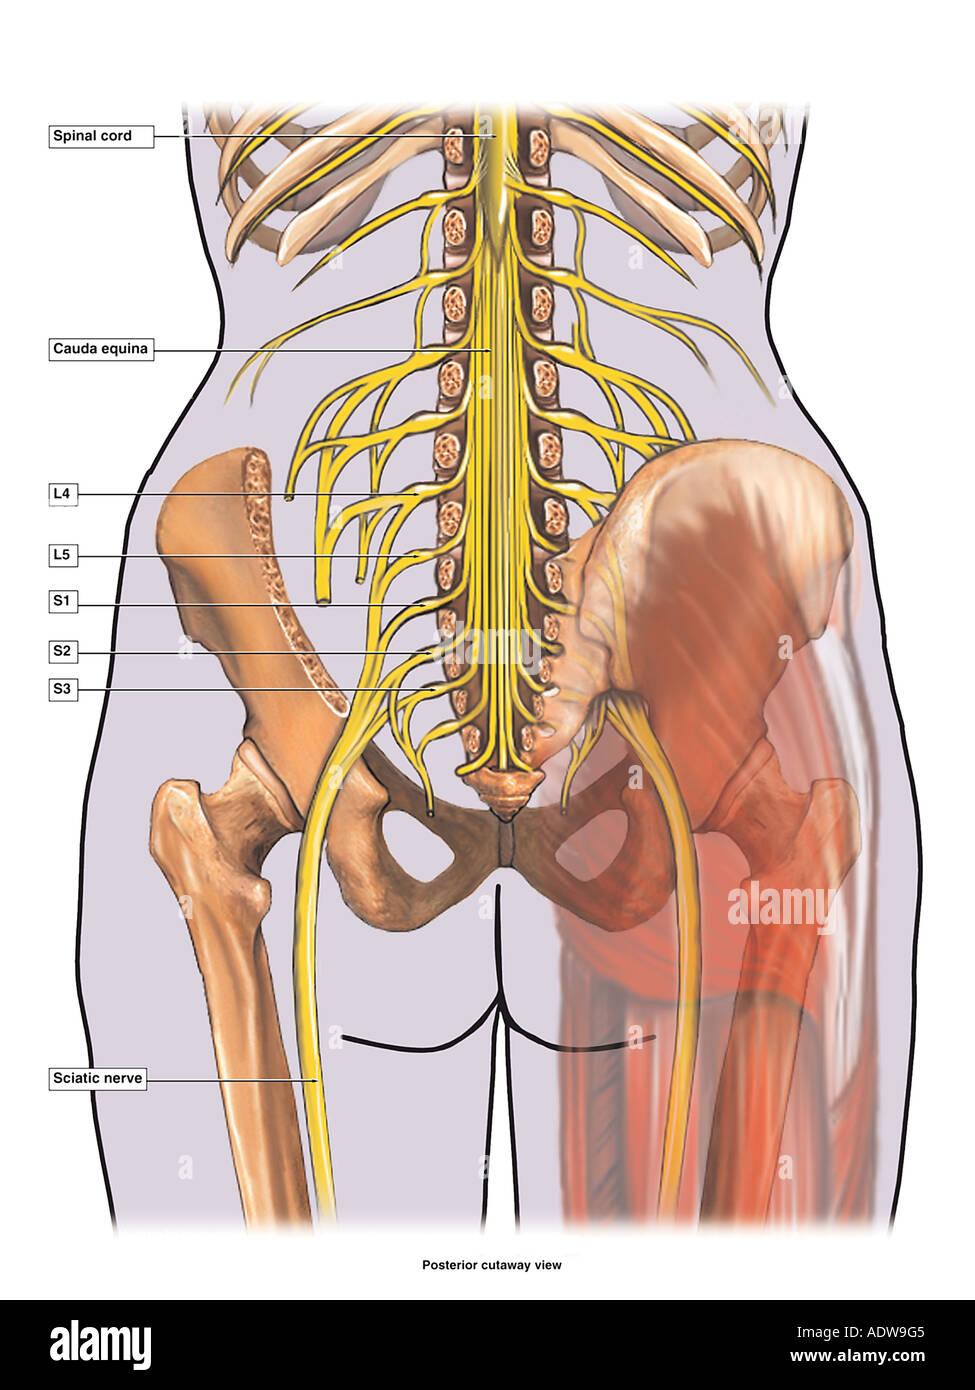 Anatomie Des Nervus Ischiadicus Stockfoto Bild 7712708 Alamy